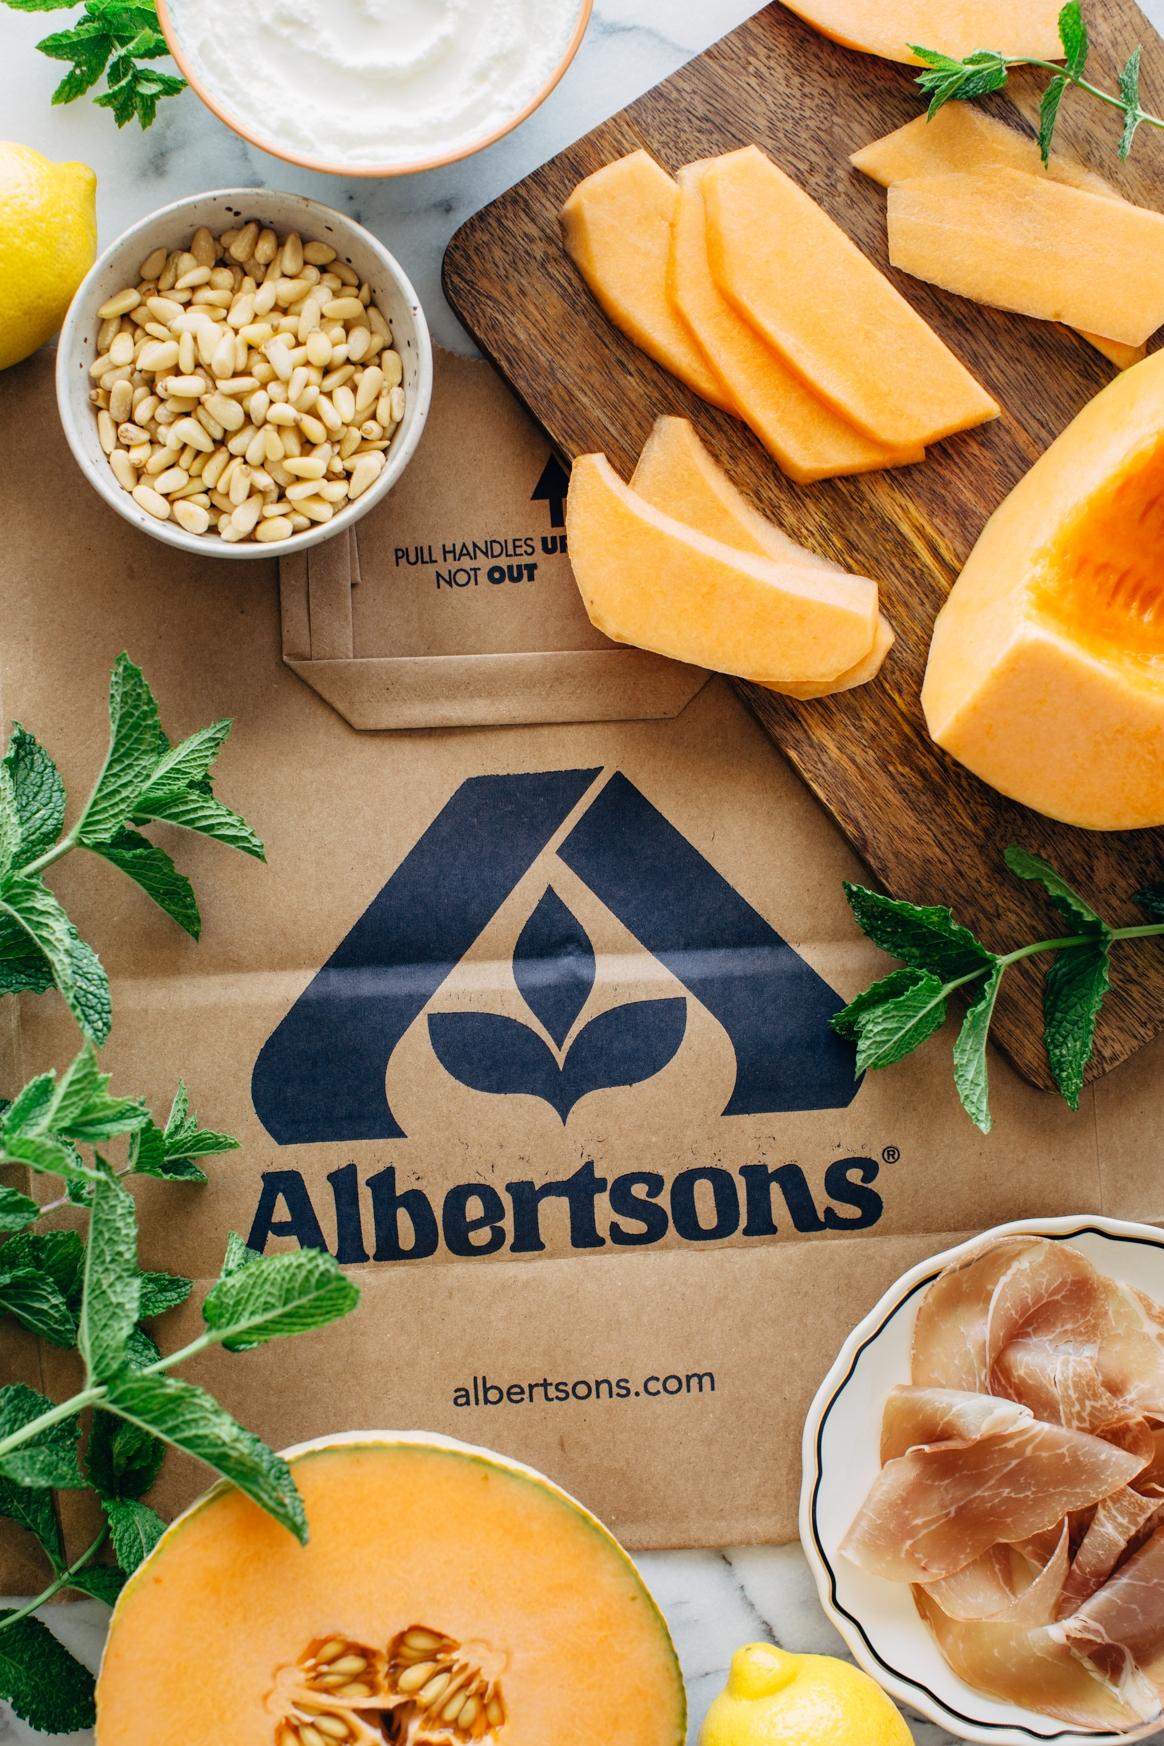 Albertsons Bag